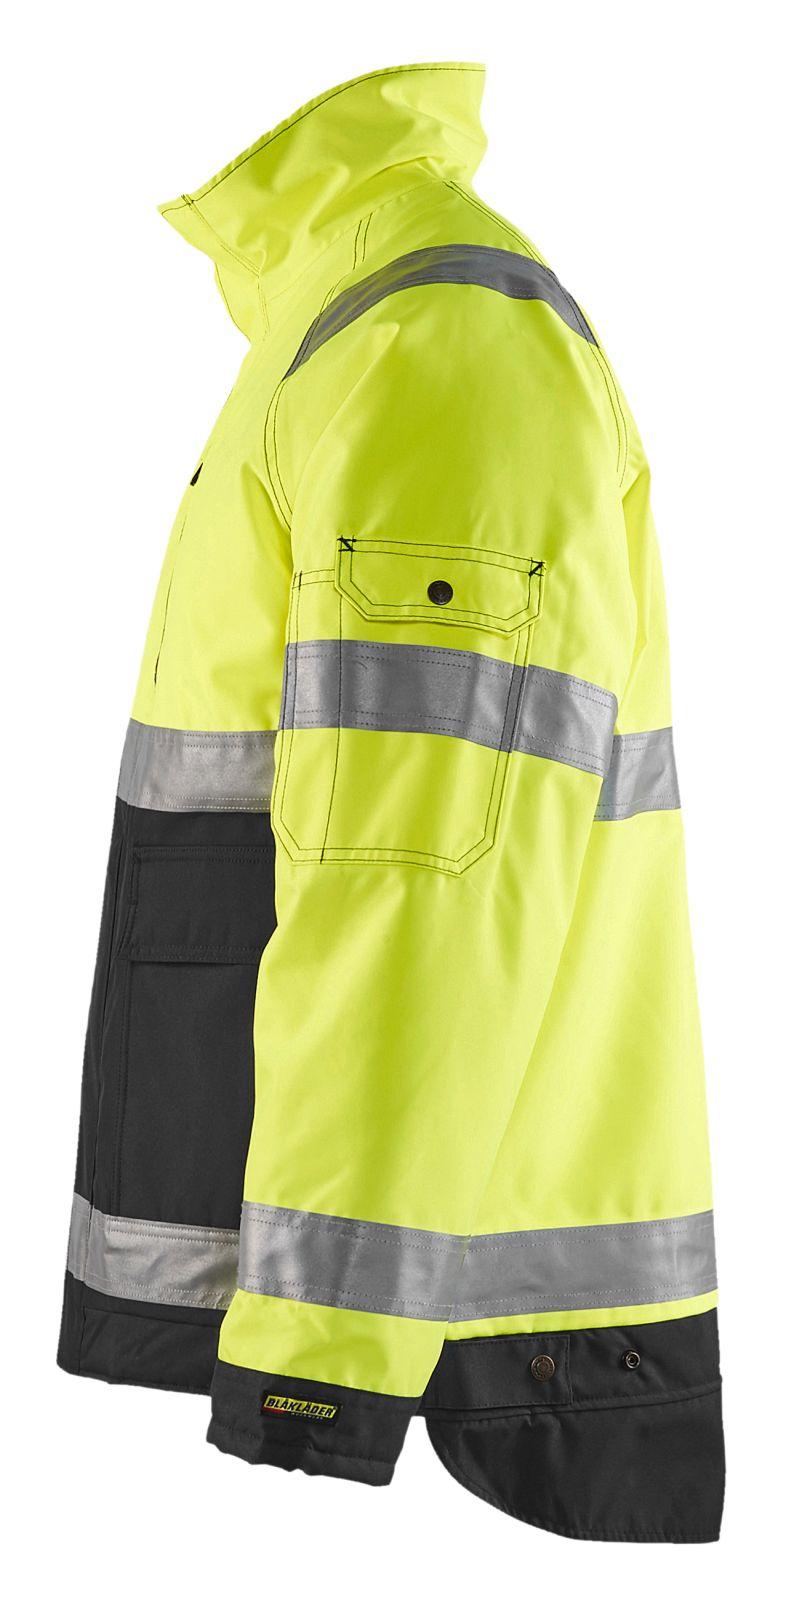 Blaklader Jassen 48271977 High Vis geel-zwart(3399)